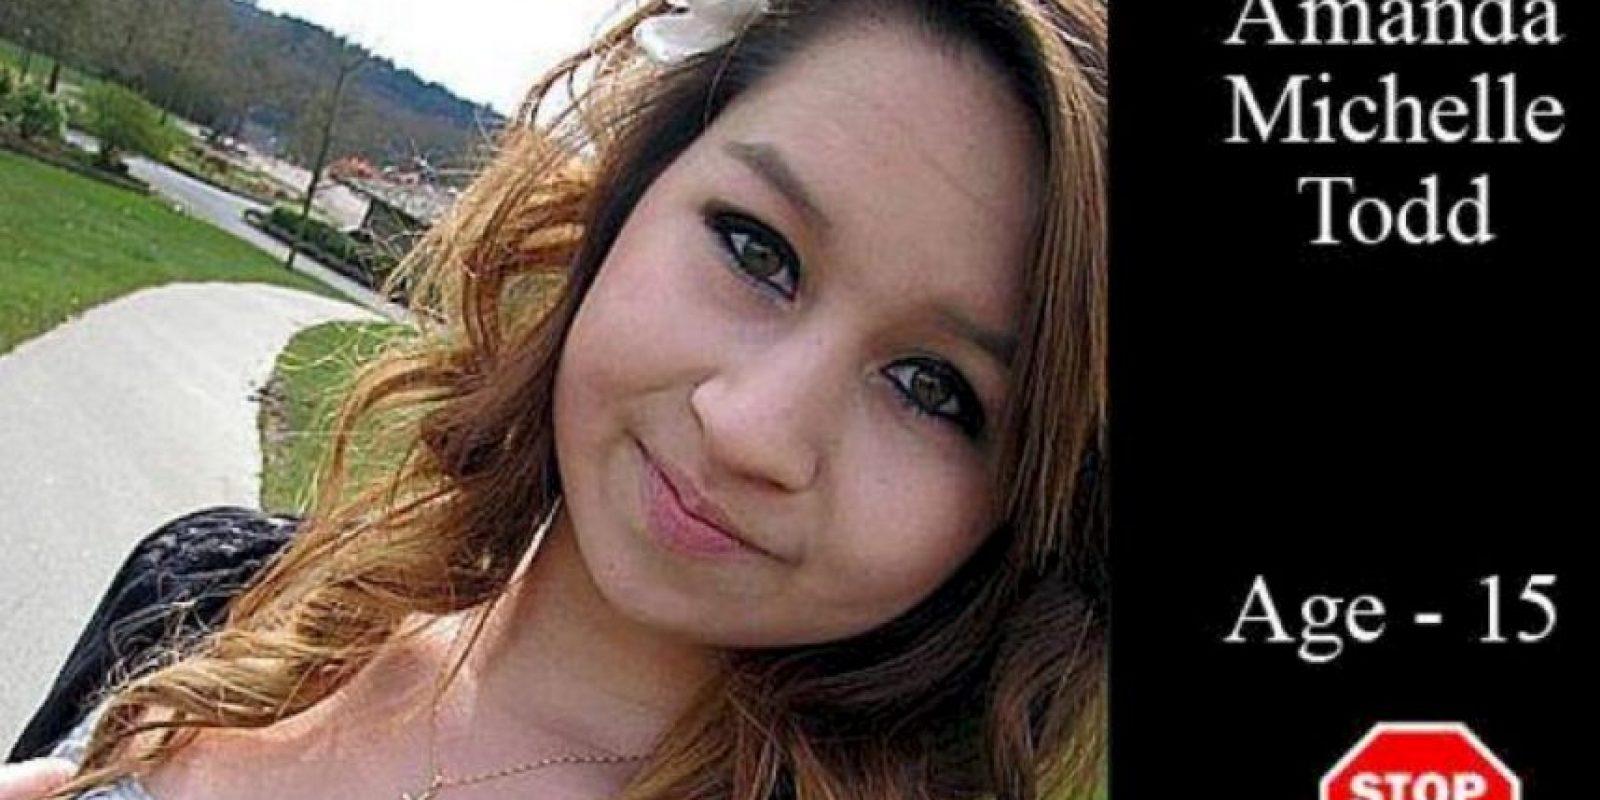 """""""Han pasado seis meses y la gente continúa compartiendo fotos de cloro y de zanjas, etiquetándome. Me dijeron que intentara con otro cloro. Dijeron que esperaran que esta vez muriera realmente y que no fuera tan estúpida. Dijeron: 'Espero que lea esto y se suicide'. ¿Por qué me pasa esto? Cometí un error, pero ¿por qué me siguen? Dejé la ciudad. """" Foto:vía Facebook/Suicide of Amanda Todd"""